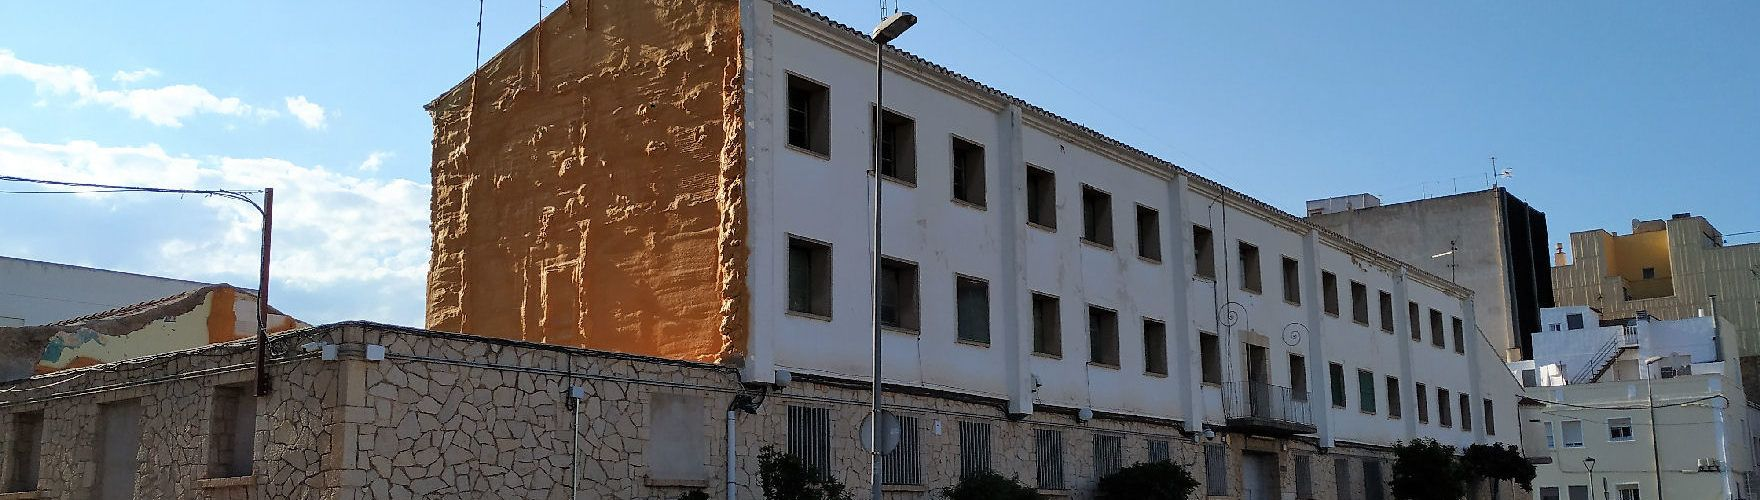 La caserna de la Guàrdia Civil d'Amposta tanca provisionalment